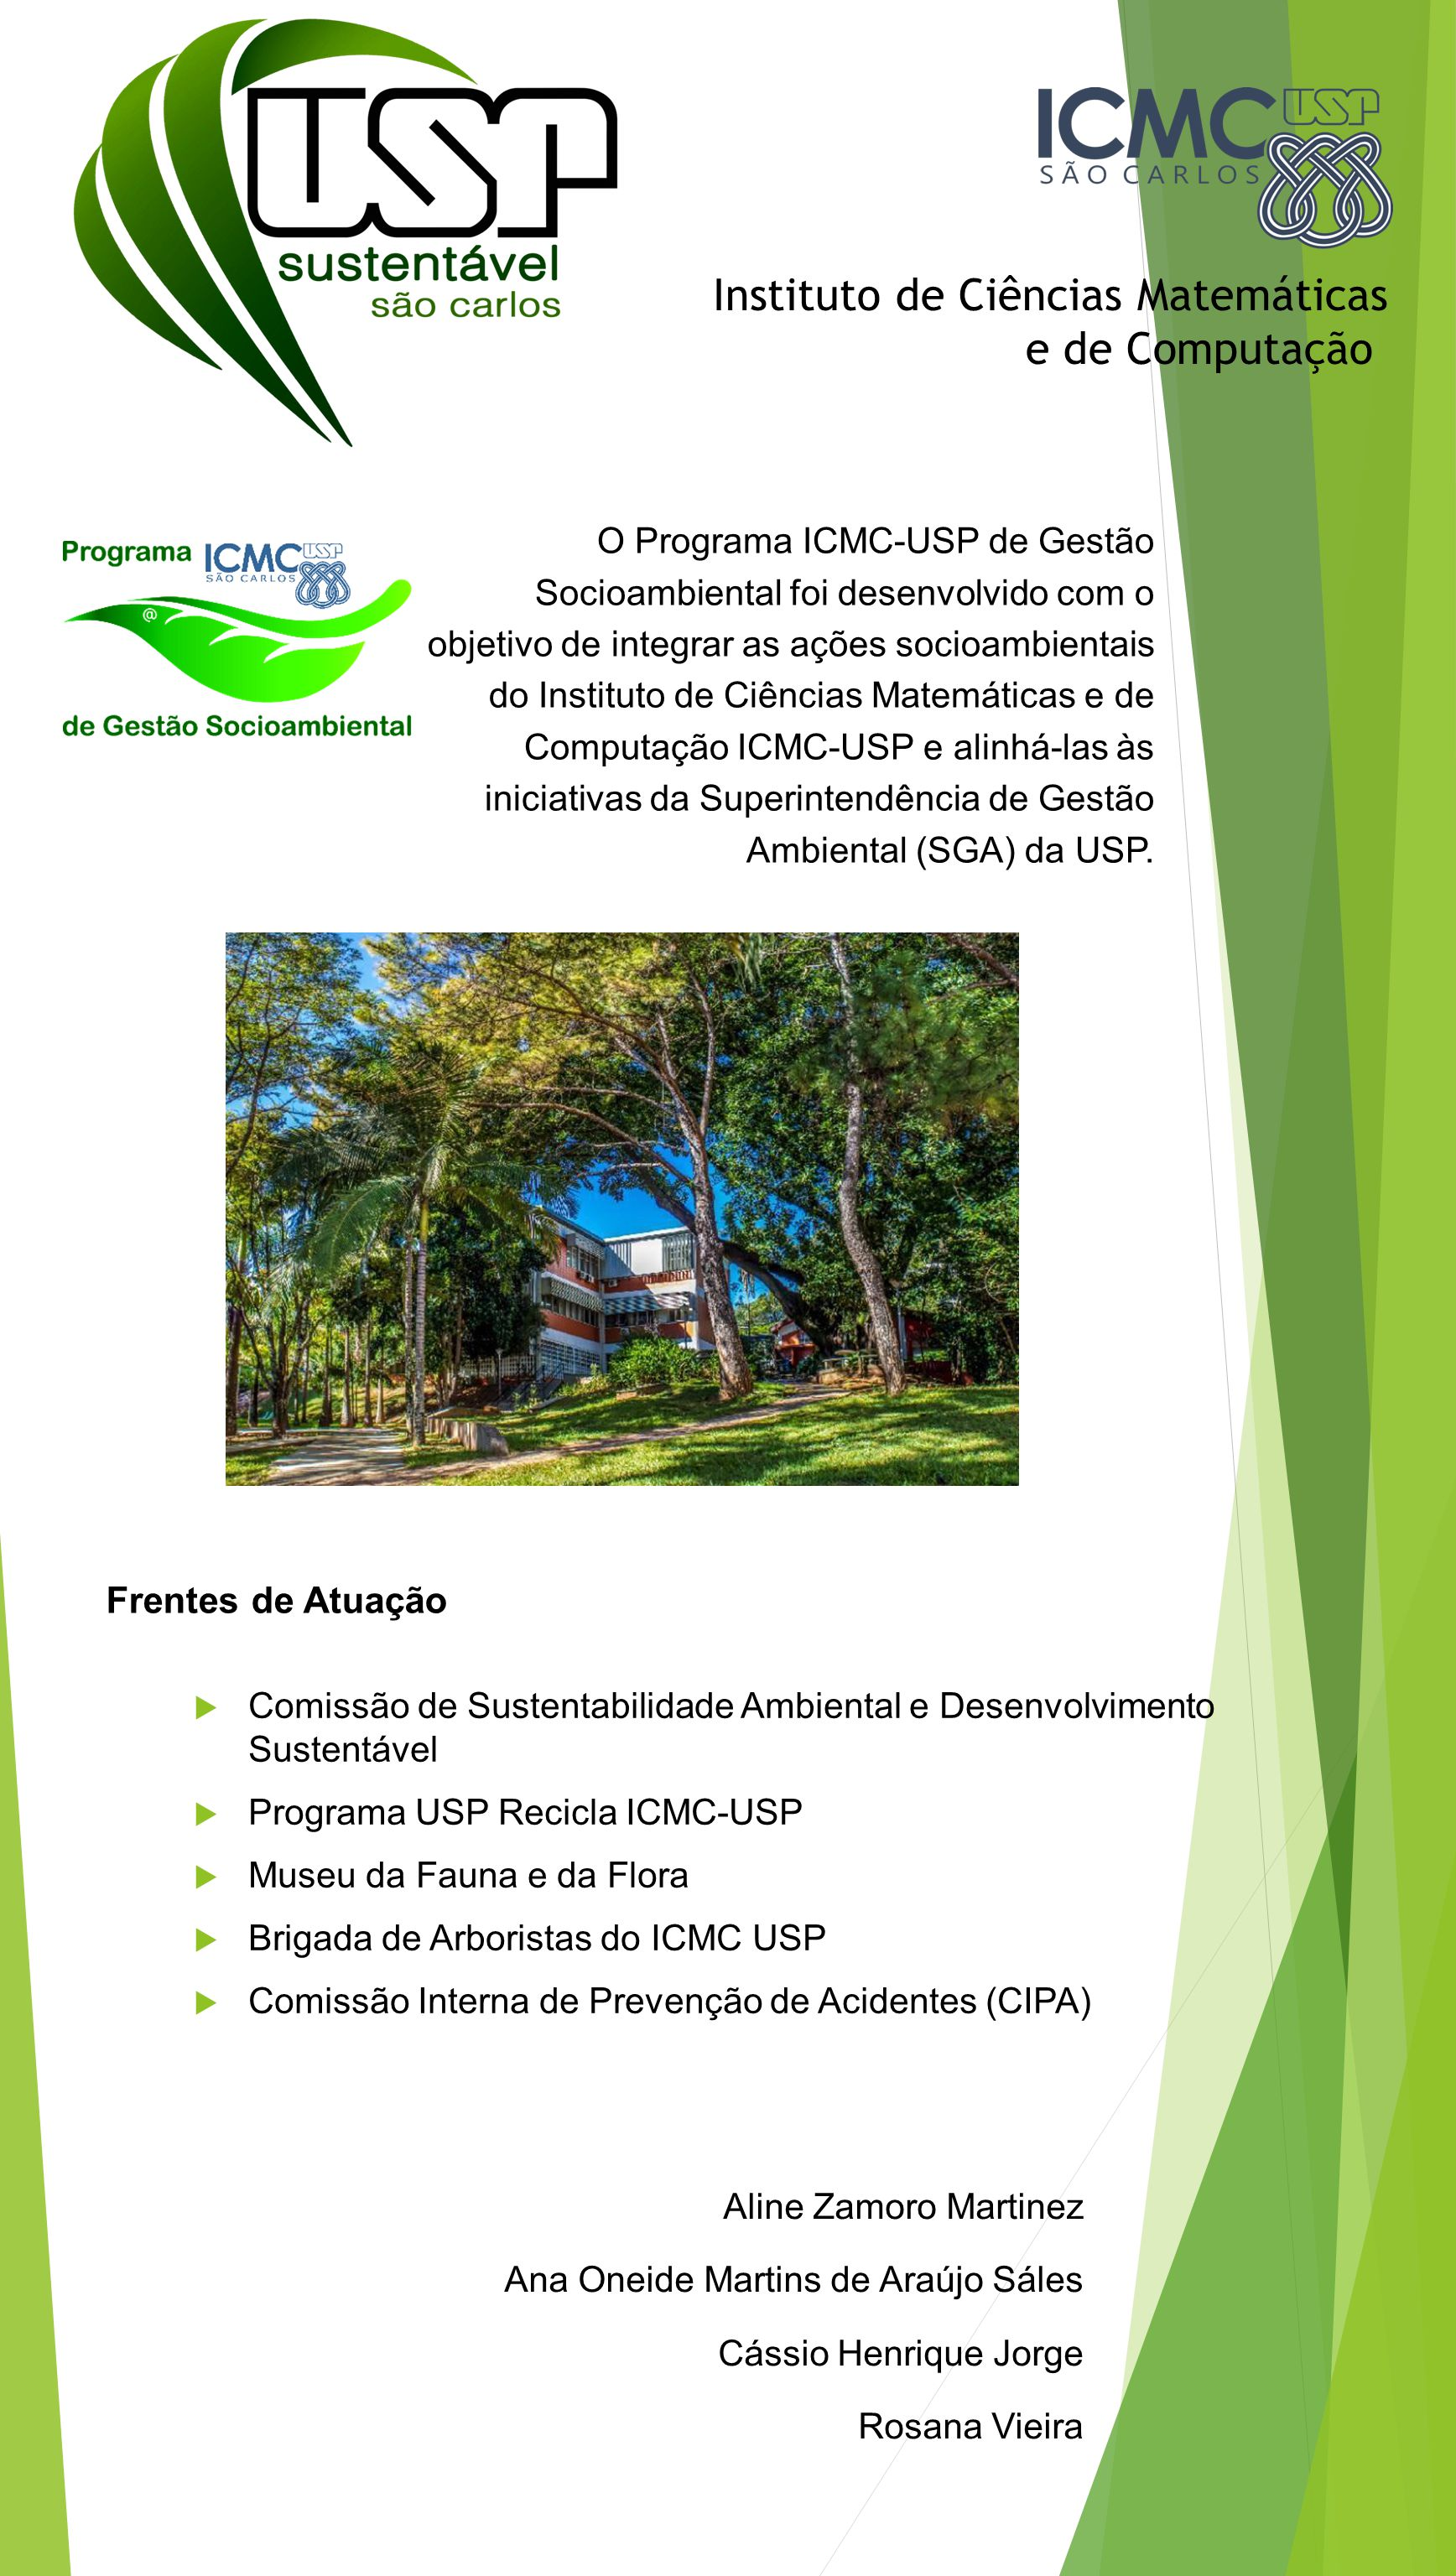 Frentes de Atuação Instituto de Ciências Matemáticas e de Computação  Comissão de Sustentabilidade Ambiental e Desenvolvimento Sustentável  Programa